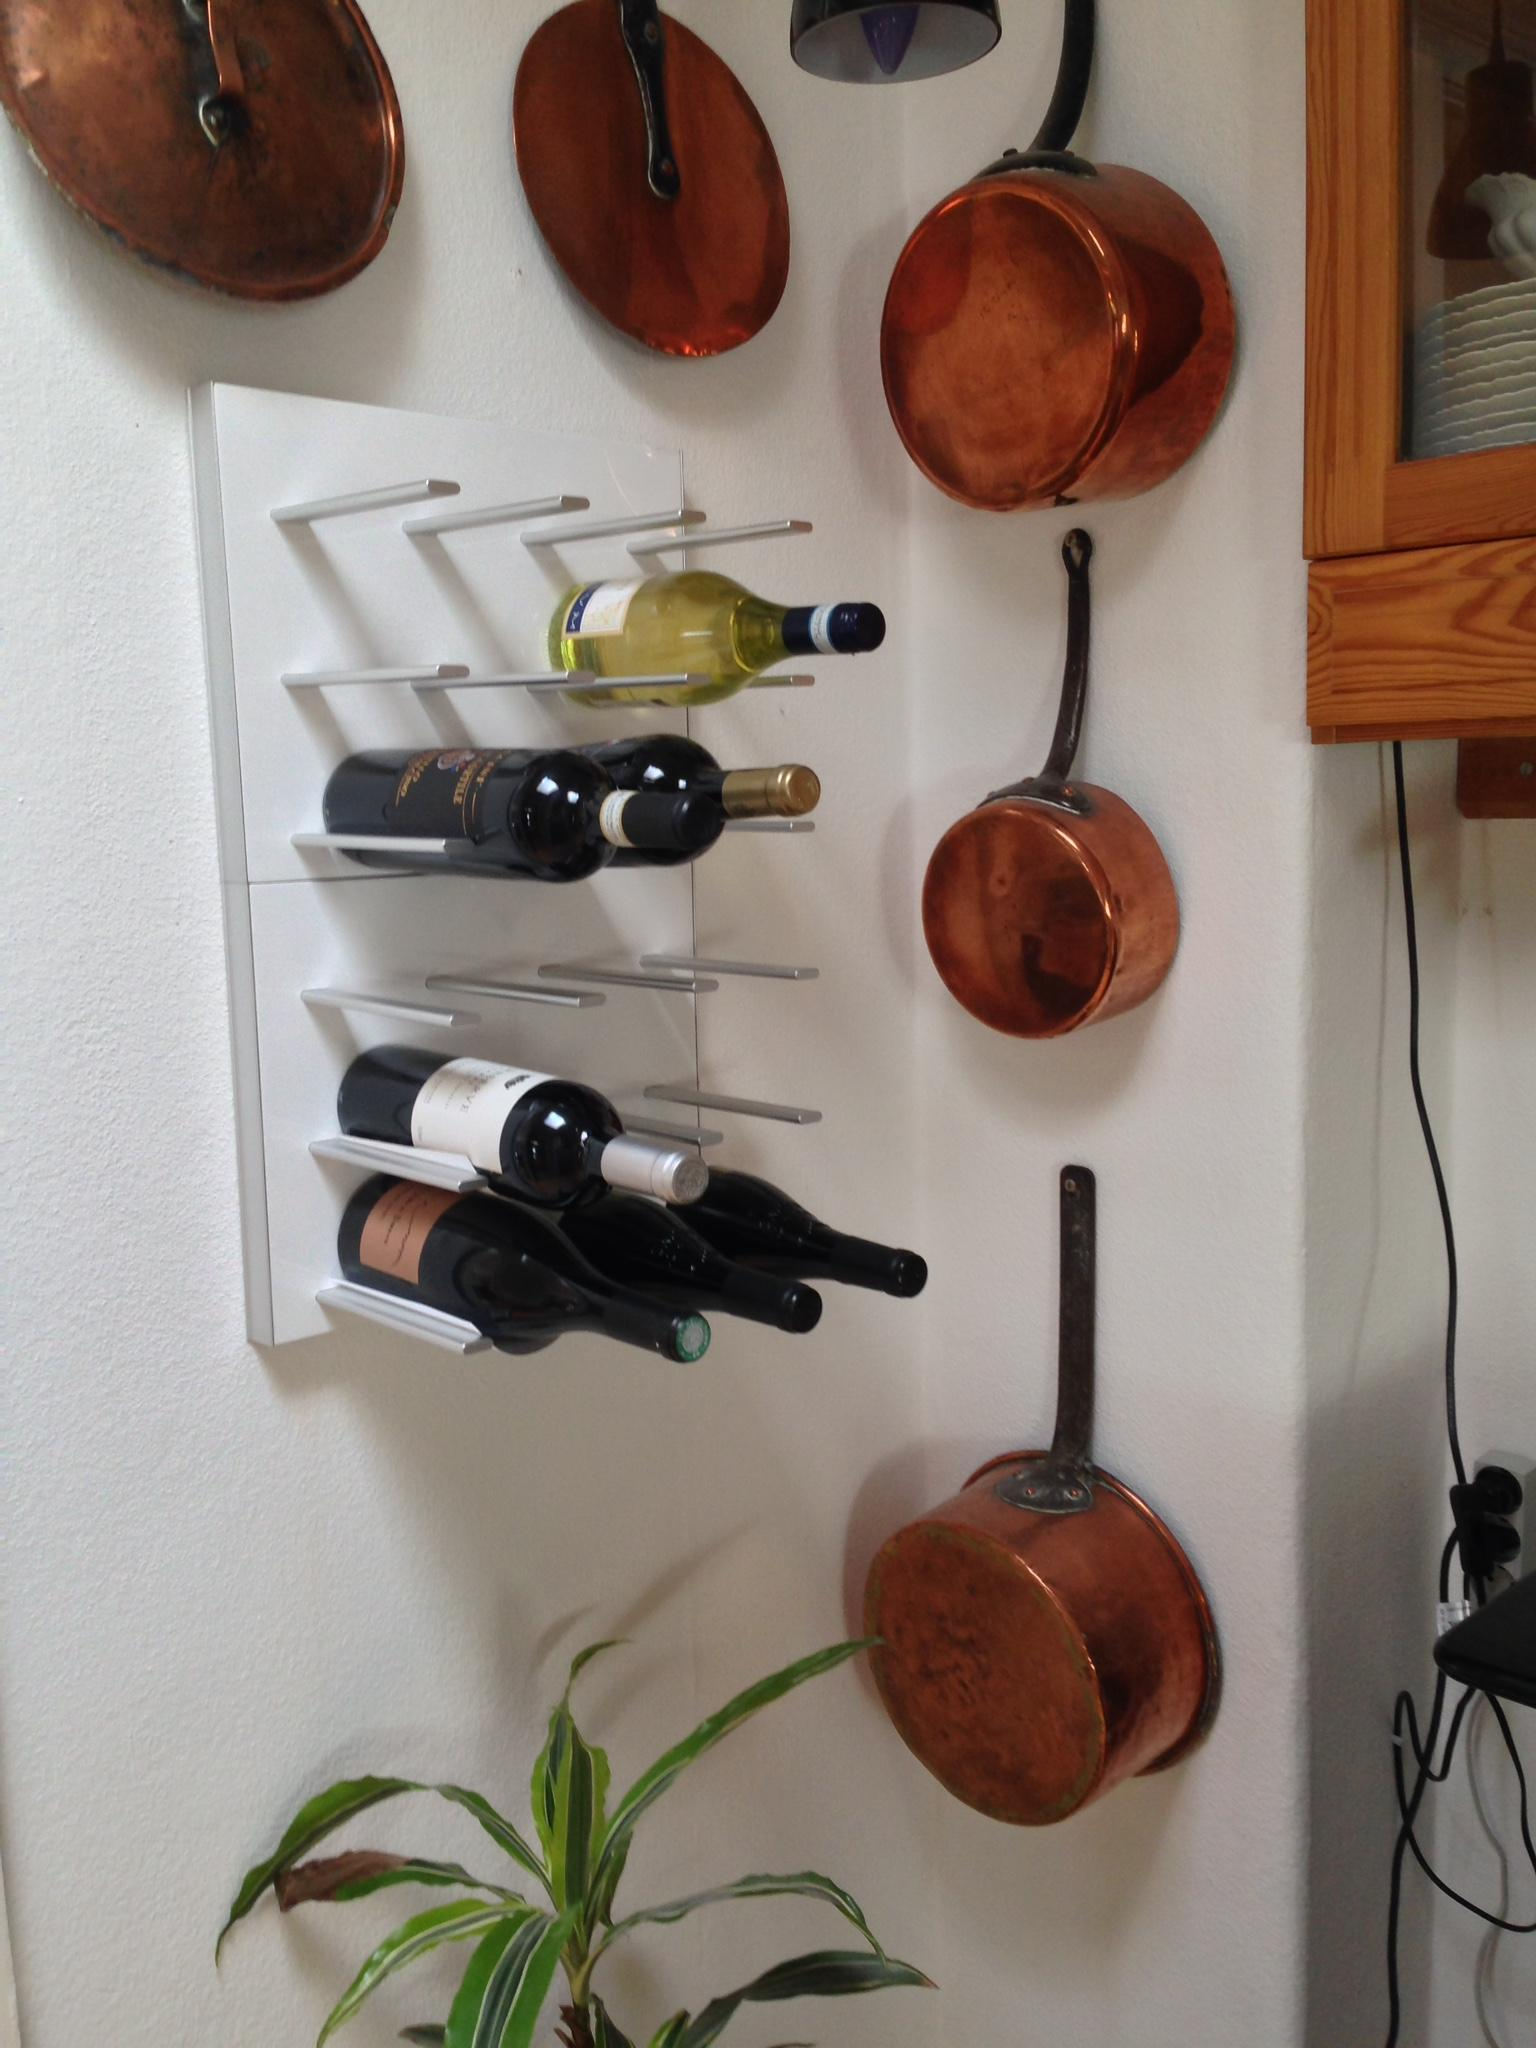 Weinregal In Skandinavischer Stil #küche #wandaufhängung #weinregal  #weinkeller #weinbar #weinaufbewahrung